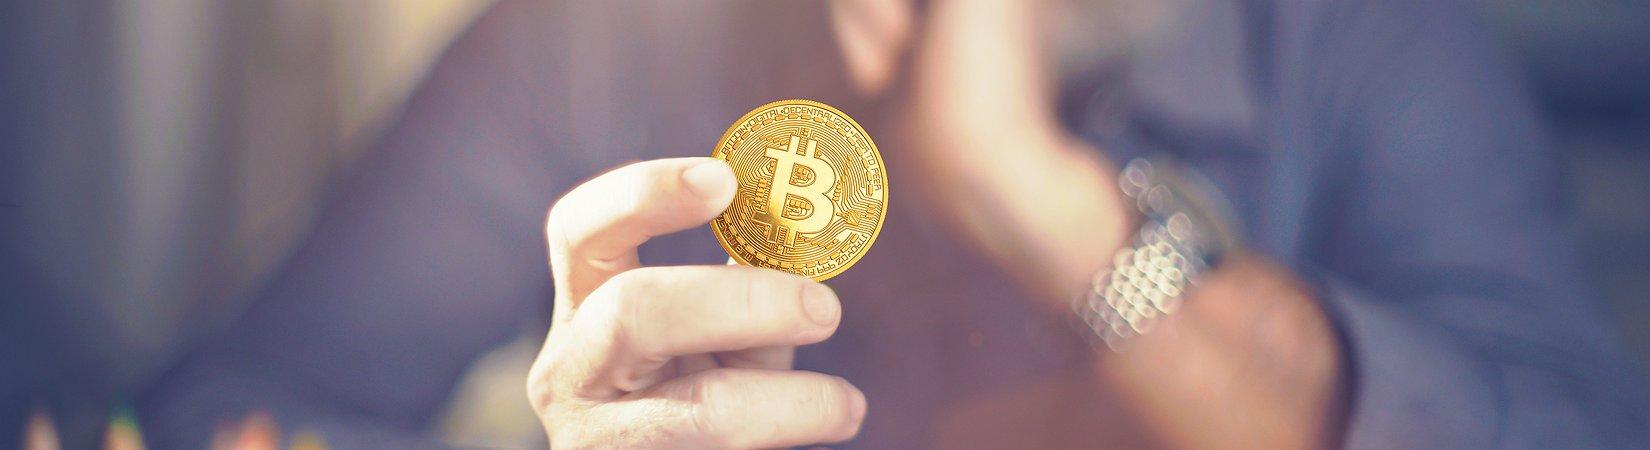 Futuros de Bitcoin já são uma realidade